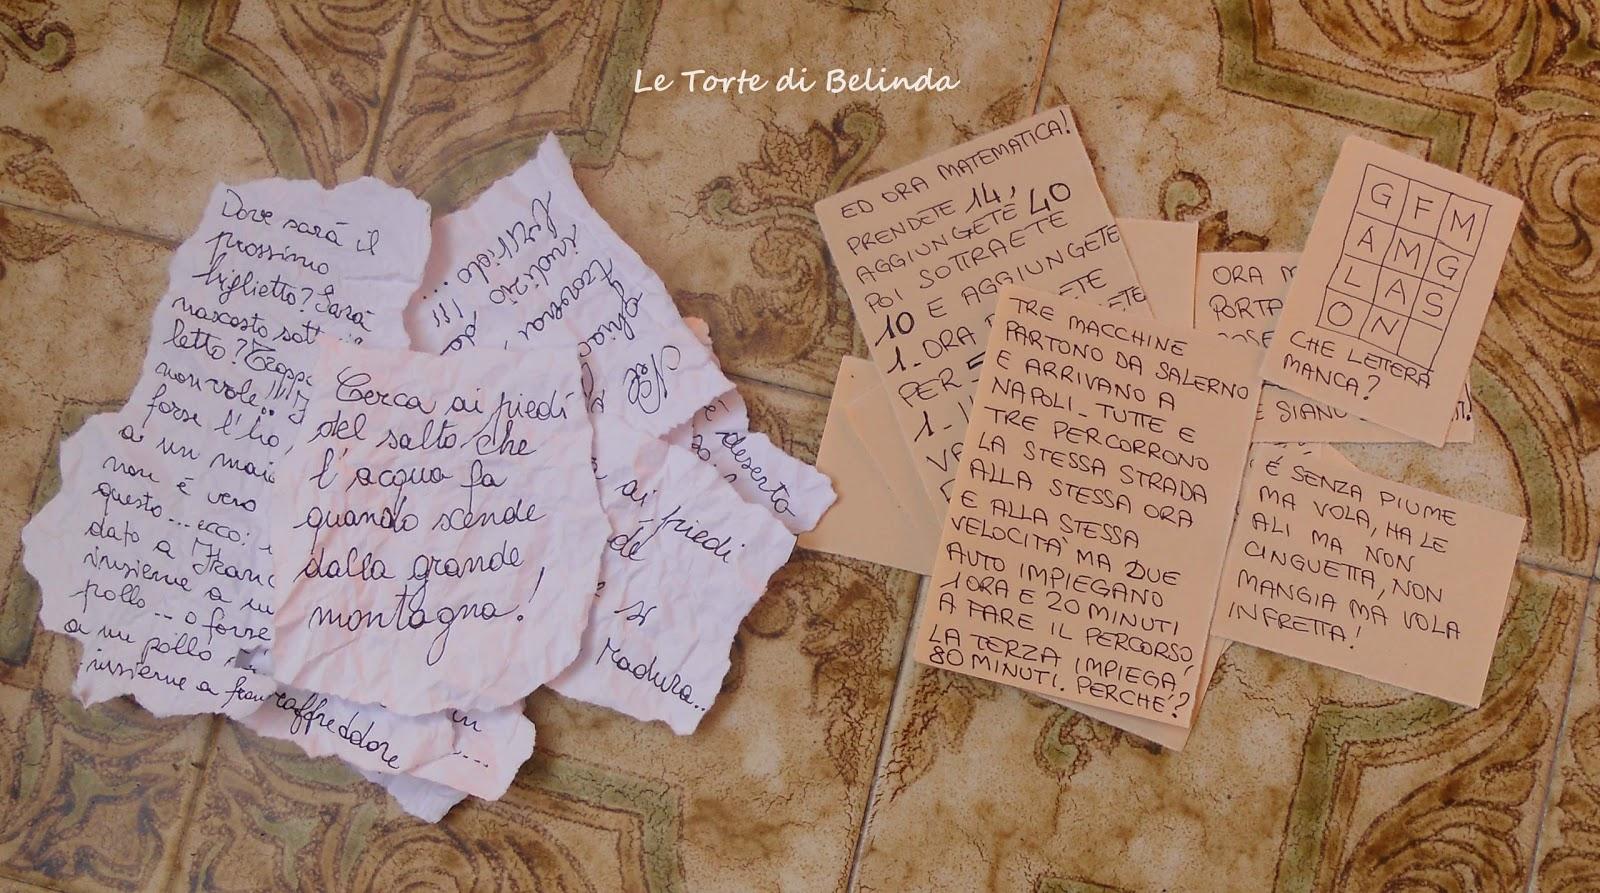 Famoso Le Torte di Belindama non solo!: LA CACCIA AL TESORO: I  SX69